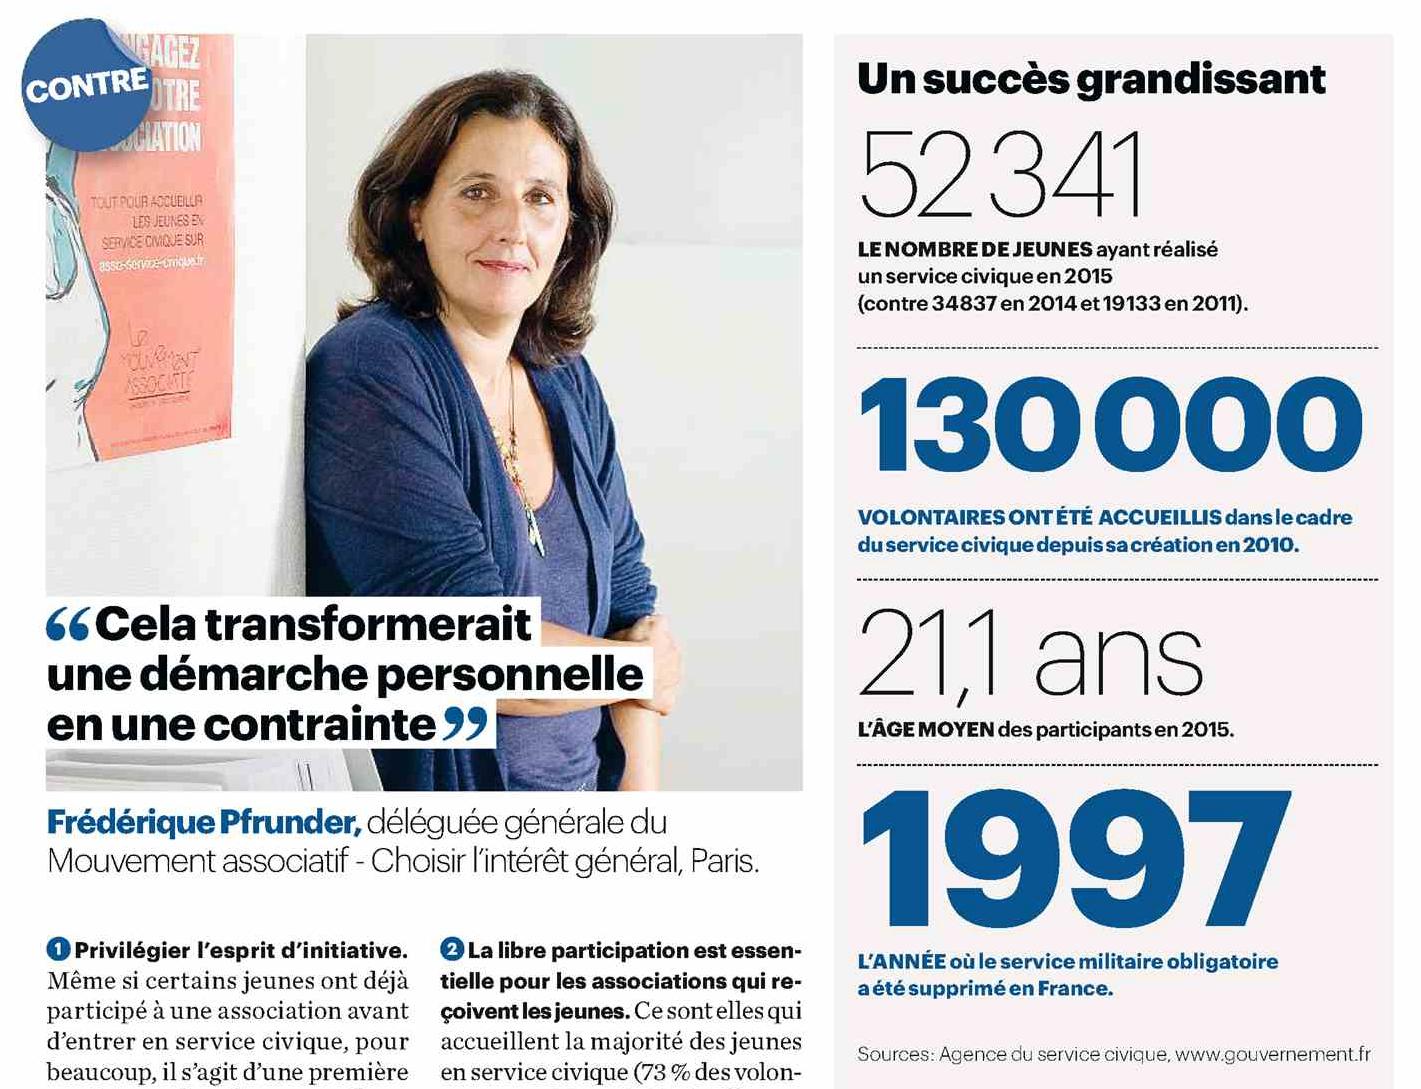 «Pour ou contre le service civique obligatoire?» / Le Parisien Magazine